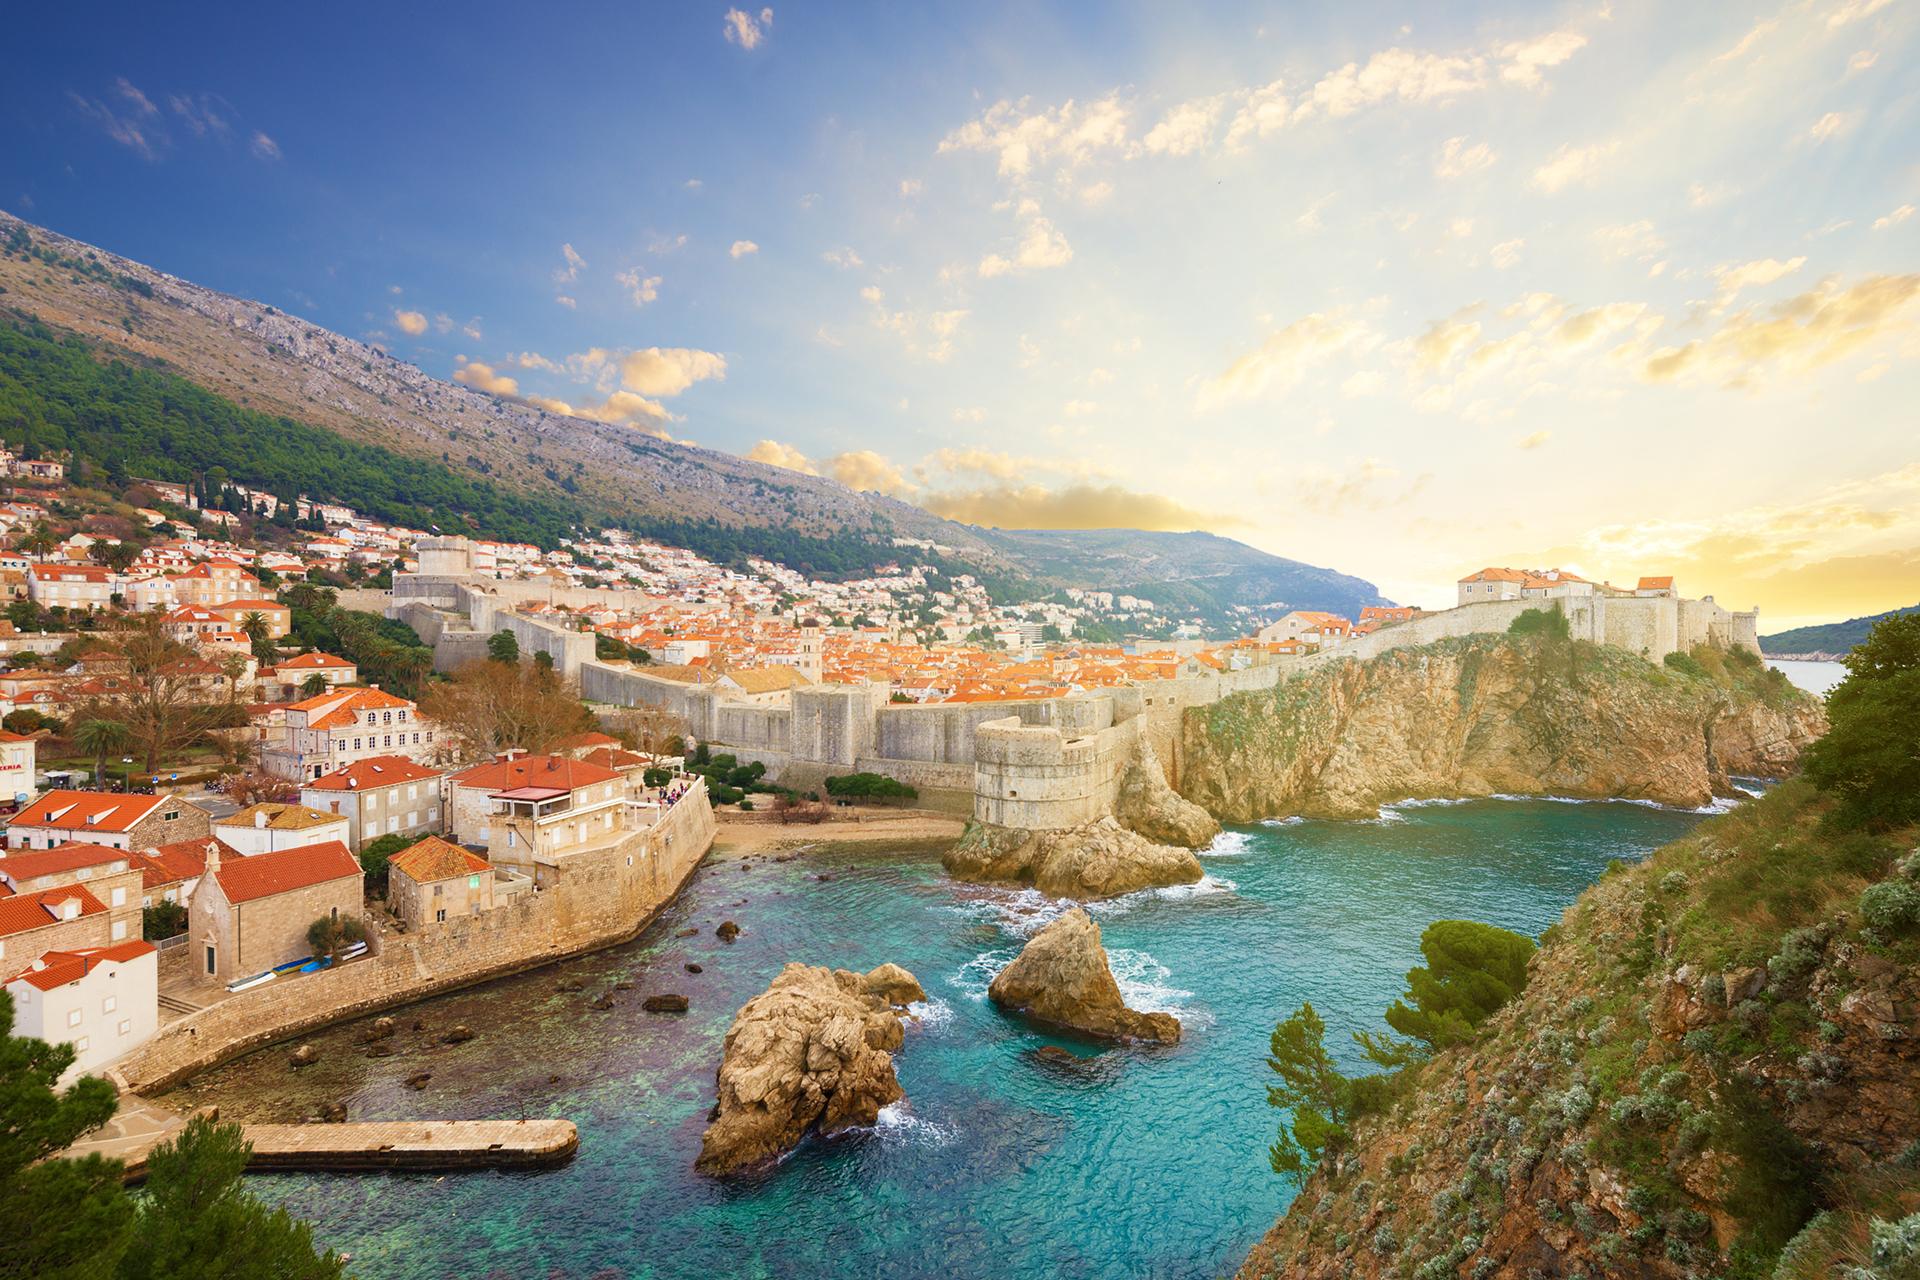 King's Landing se ha convertido en una vista bastante familiar para los espectadores obsesionados con Westeros. La actual ciudad amurallada de Dubrovnik en Croacia ofrece hermosas vistas y experiencias para los residentes y viajeros